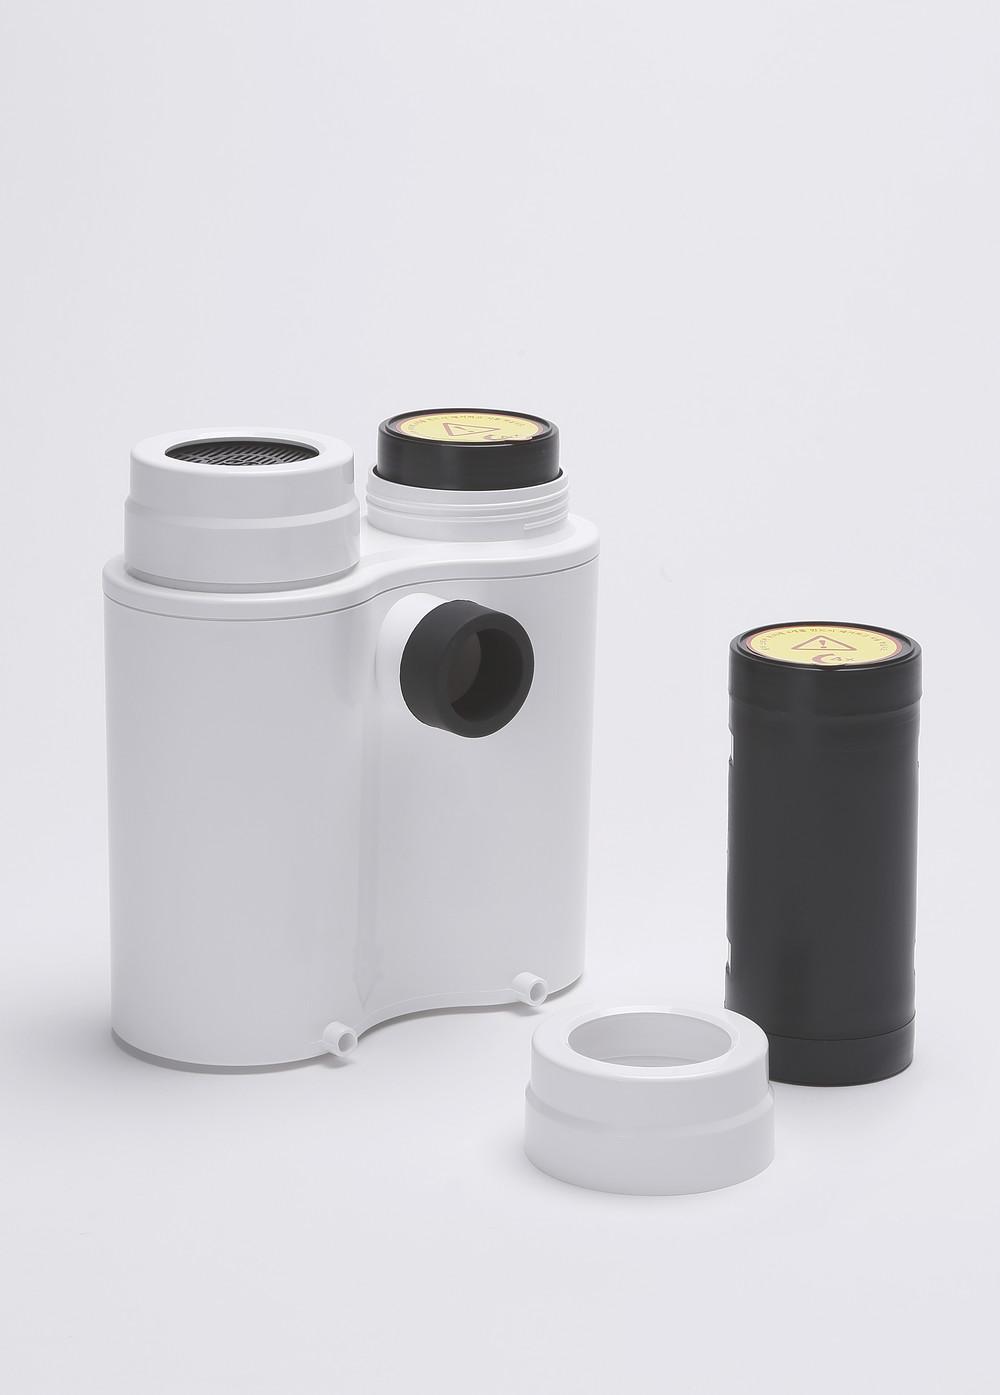 루펜 음식물 처리기 필터 케이스  food waste reducer slw 03